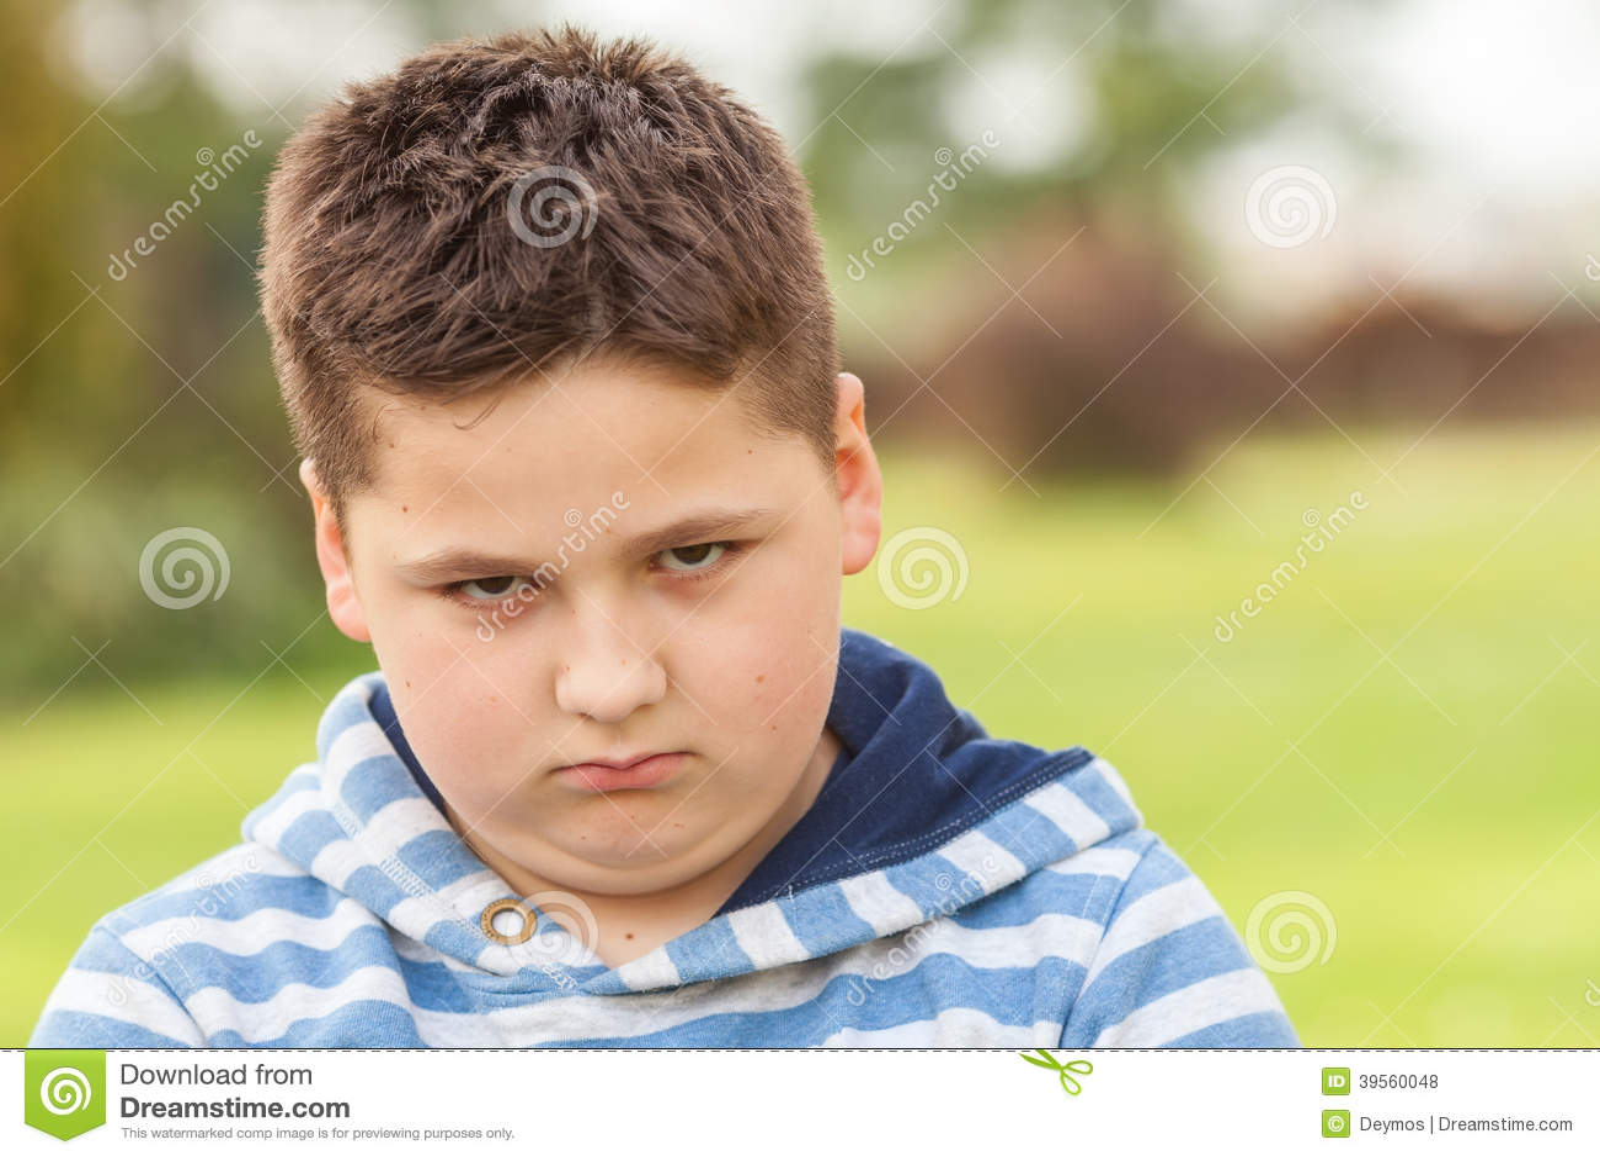 Portret van een zeven jaar oude jonge kaukasische jongen stock foto beeld 39560048 - Jaar oude kamer van de jongen ...